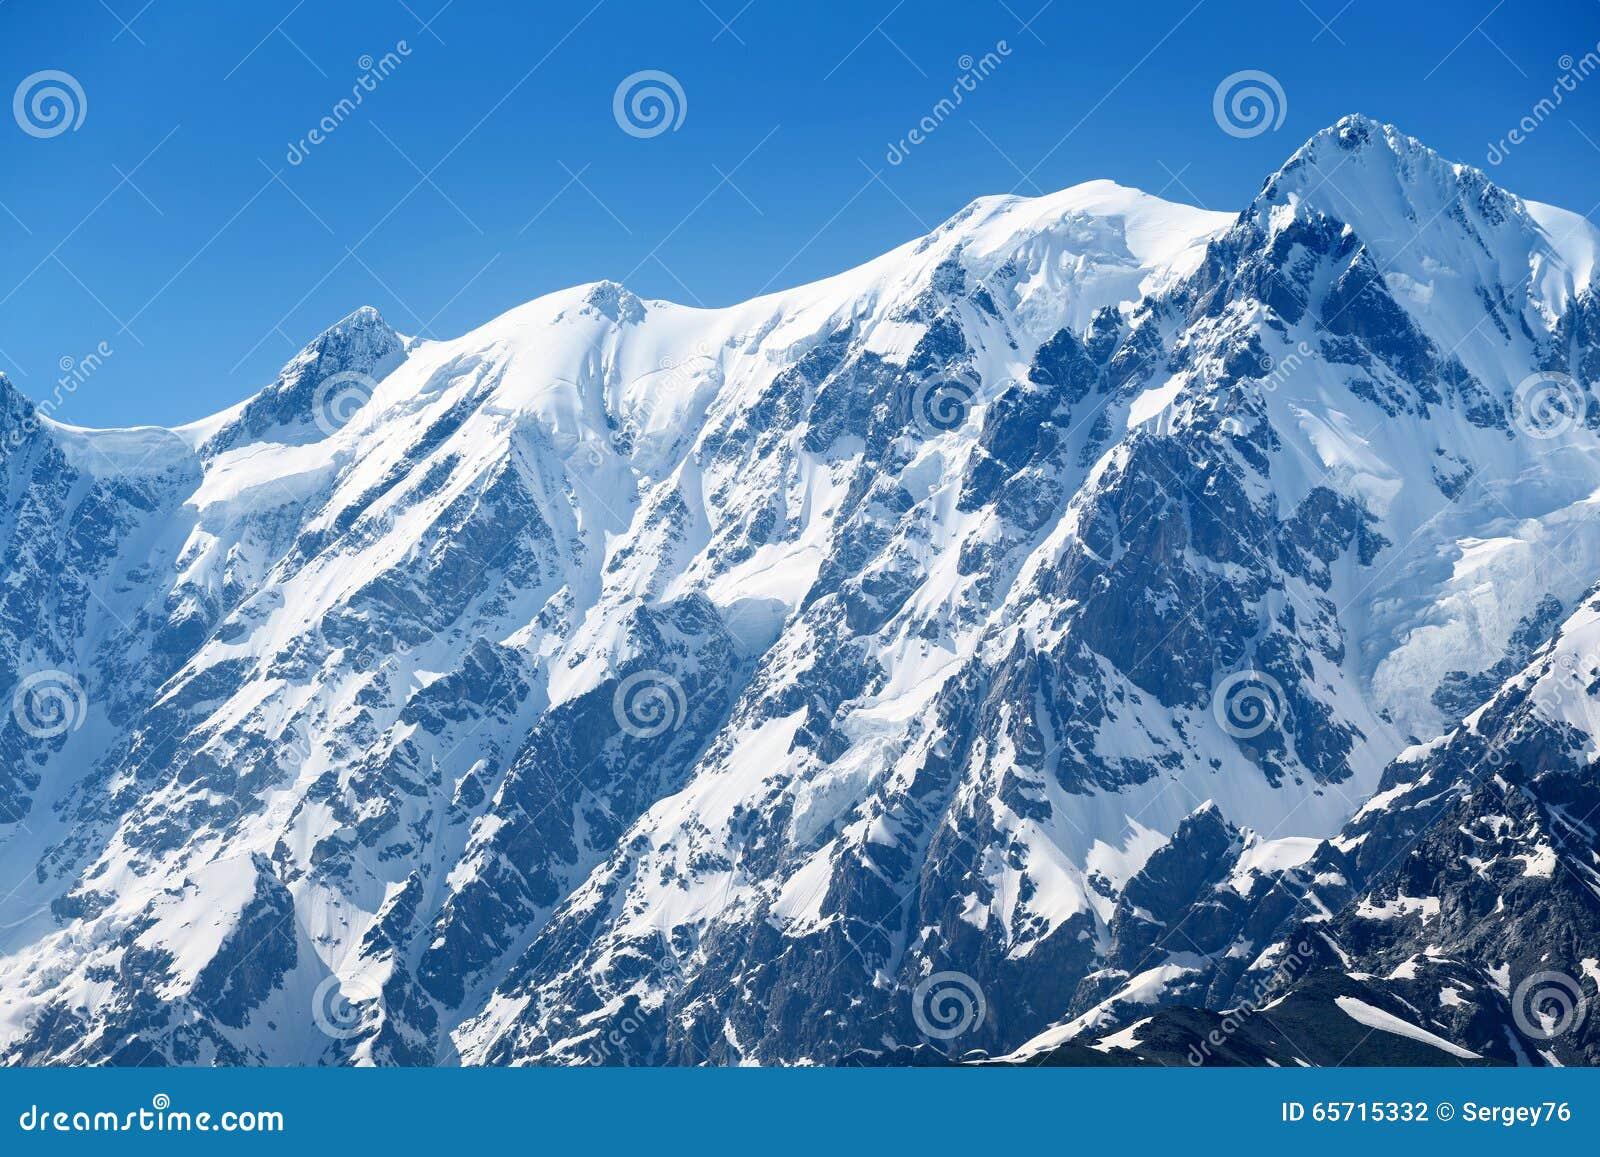 Sommet de montagne sous la neige photo stock image 65715332 - Photos de neige gratuites ...